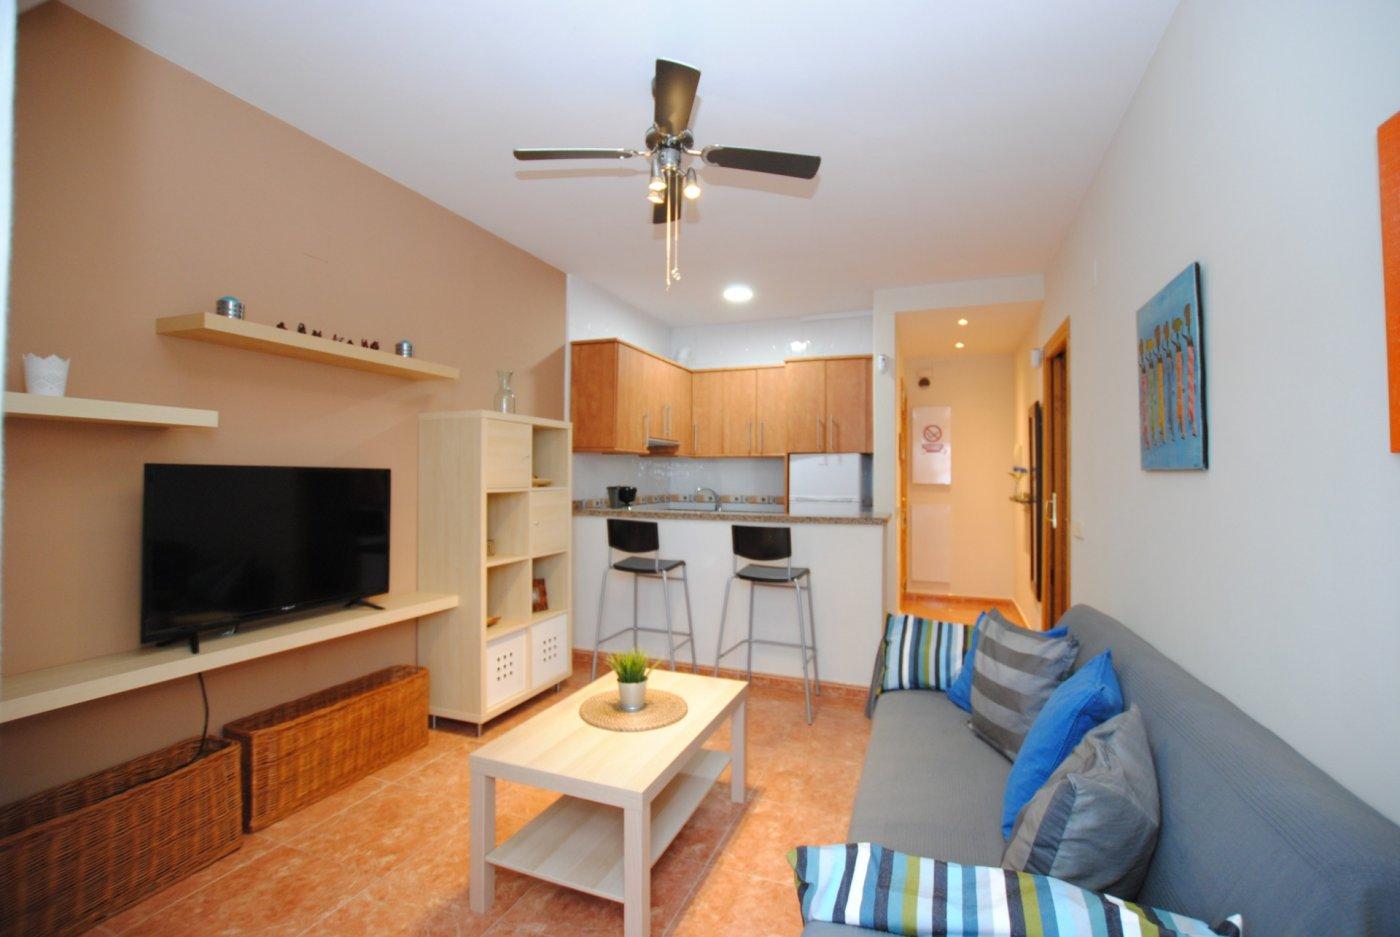 Apartamento en 2 linea de playa!!! - imagenInmueble4